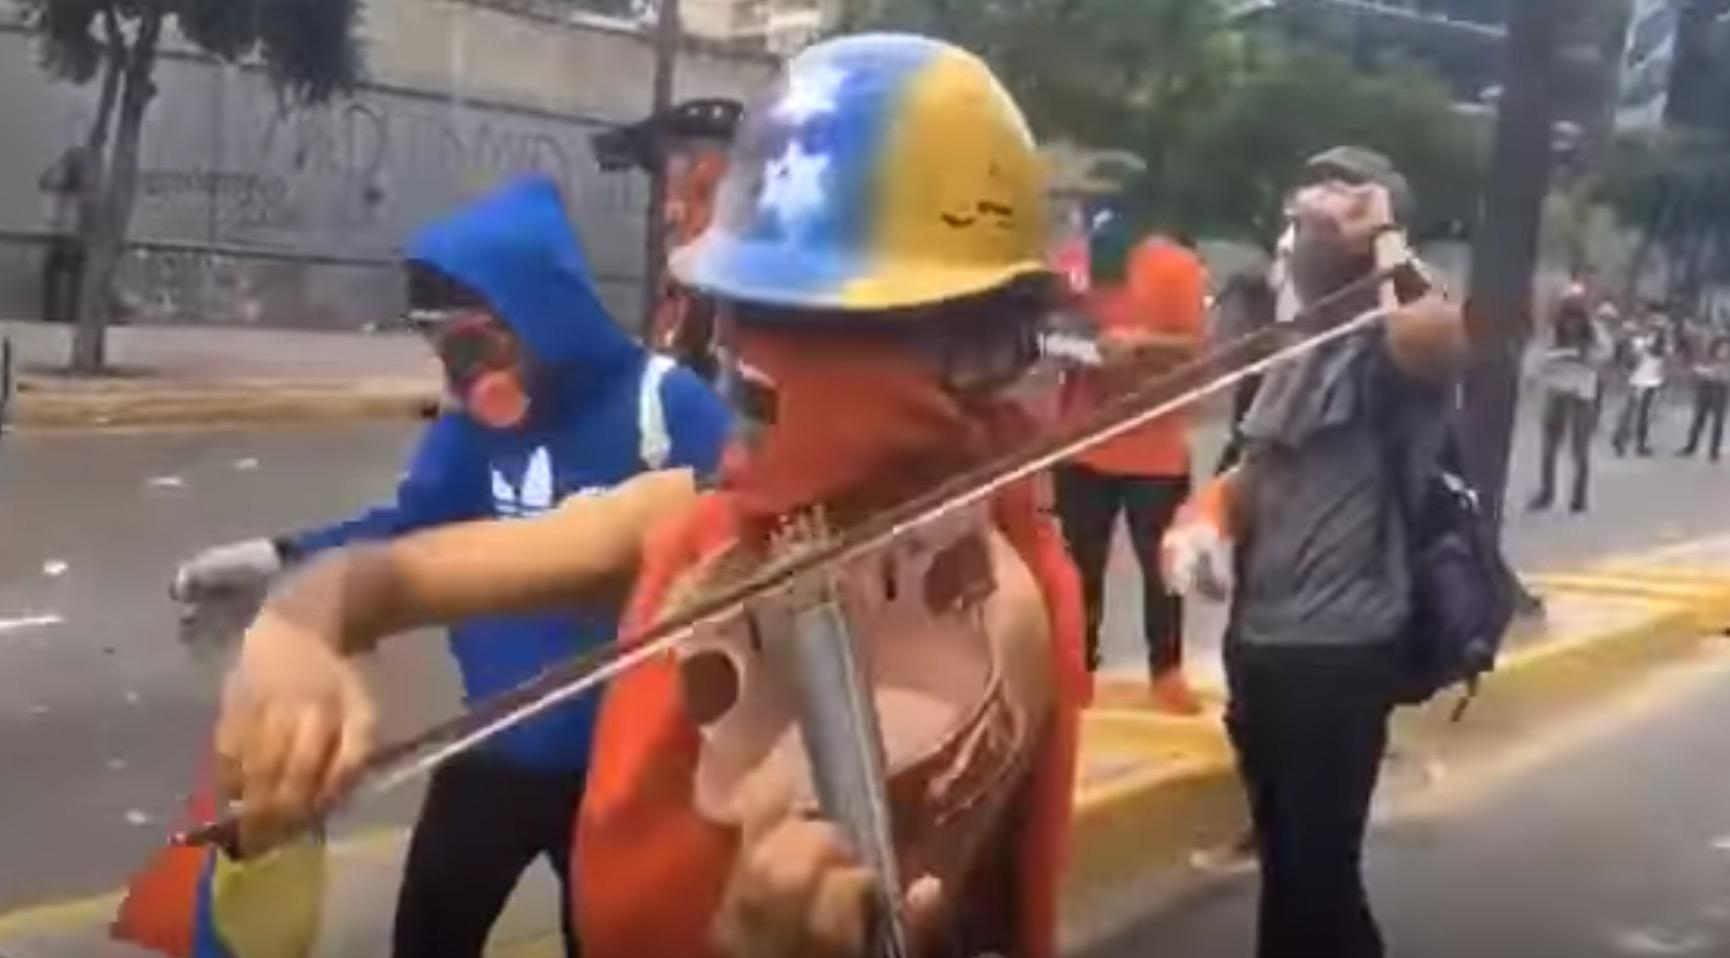 催涙ガスが充満するデモ現場。バイオリンで国歌を弾く若者の演奏に感情が揺さぶられる